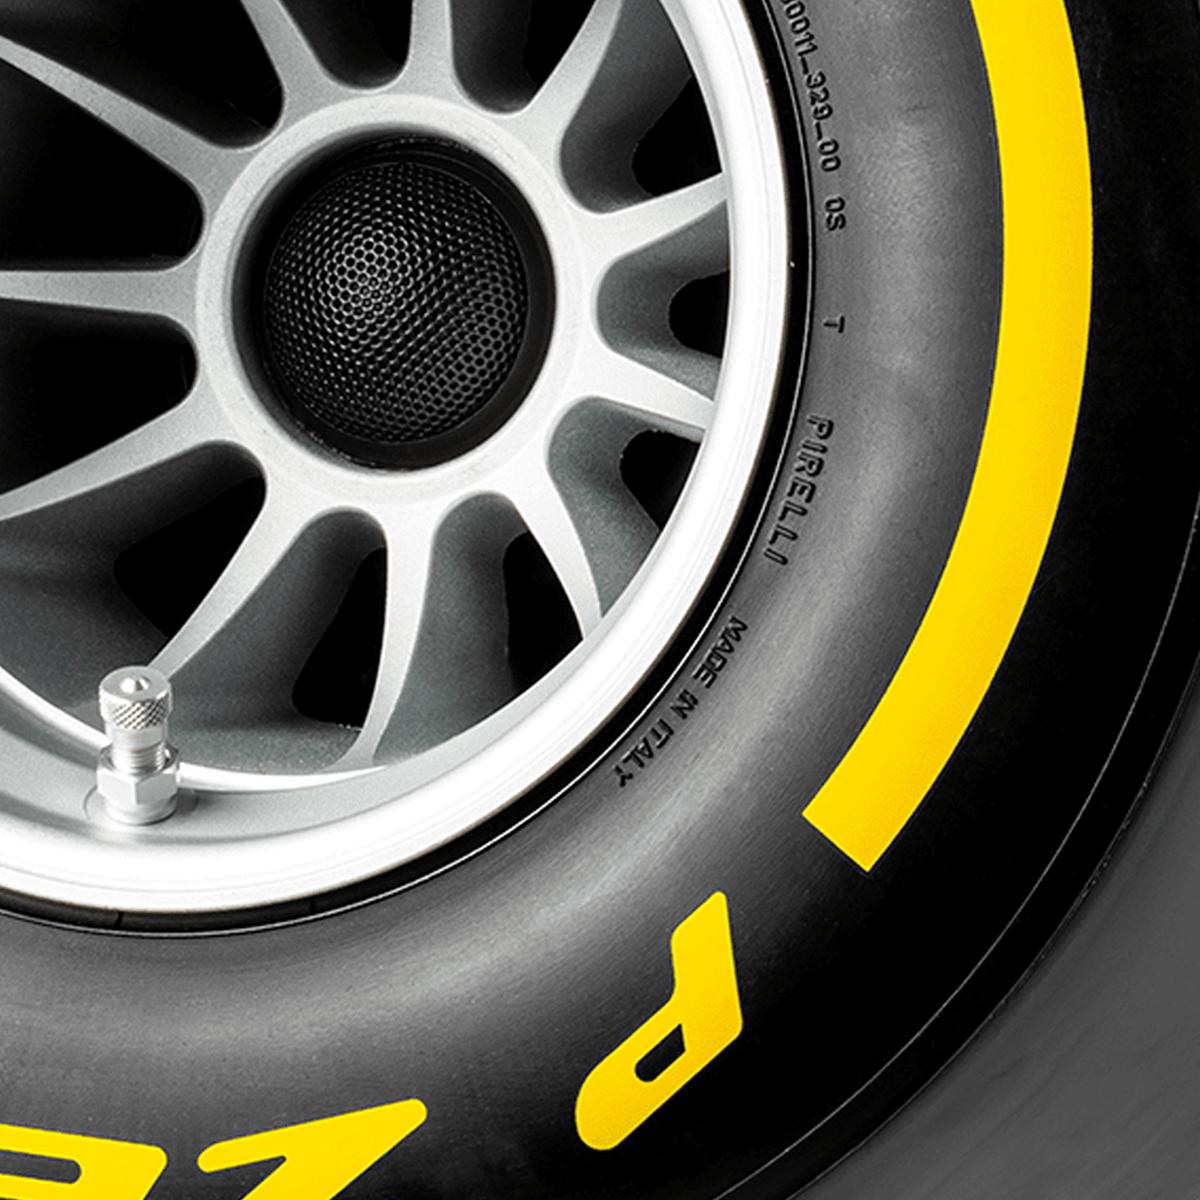 Pirelli P ZERO™ impianto audio di lusso colore giallo